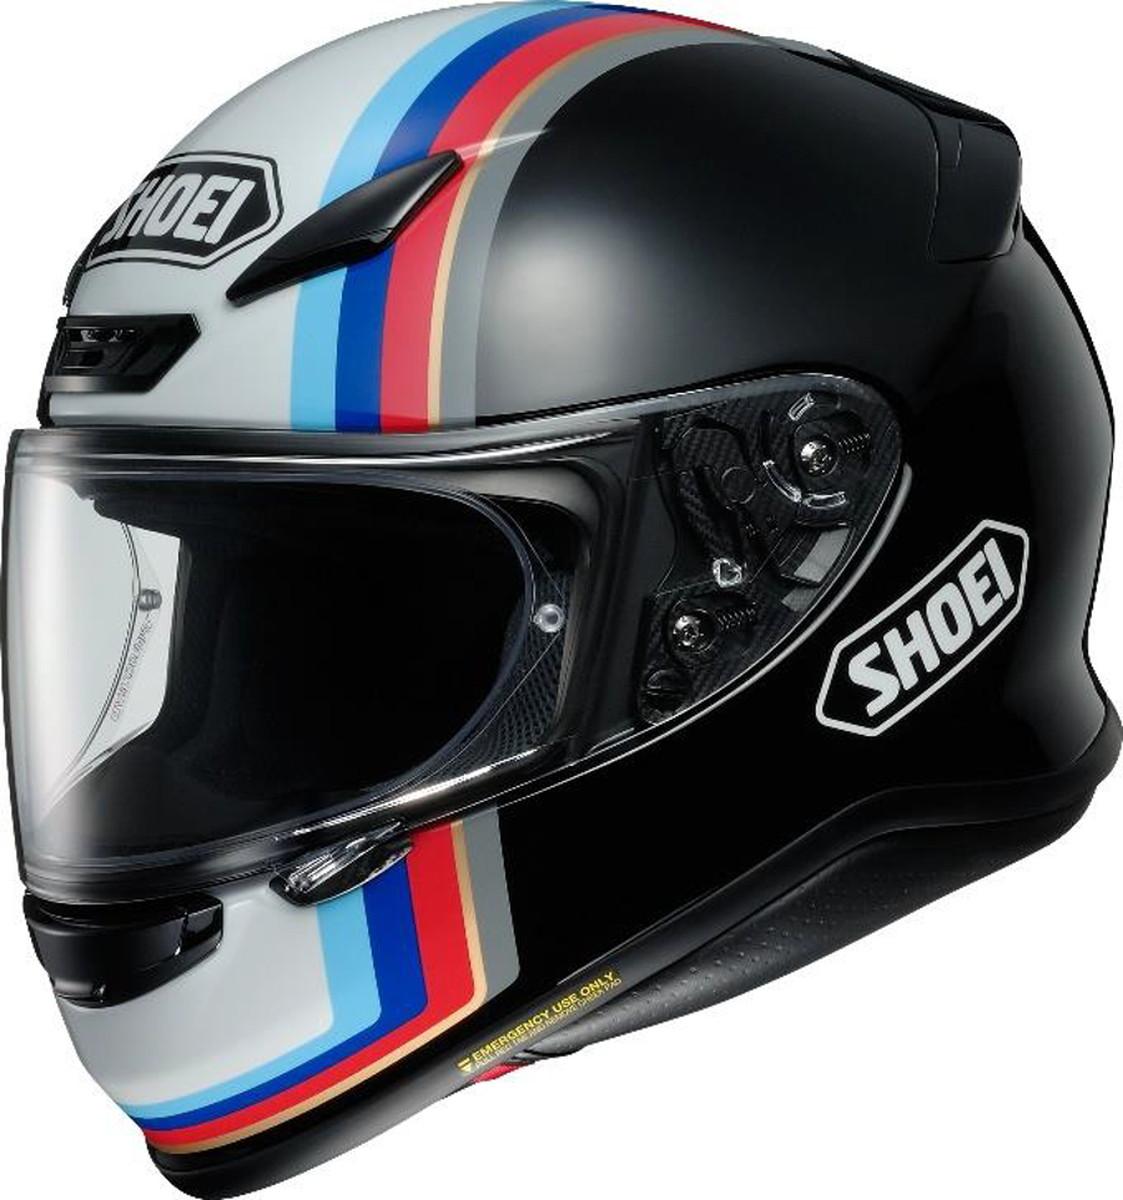 【動画あり】 SHOEI フルフェイスヘルメット Z-7 RECOUNTER (リカウンター) TC-10 XSサイズ